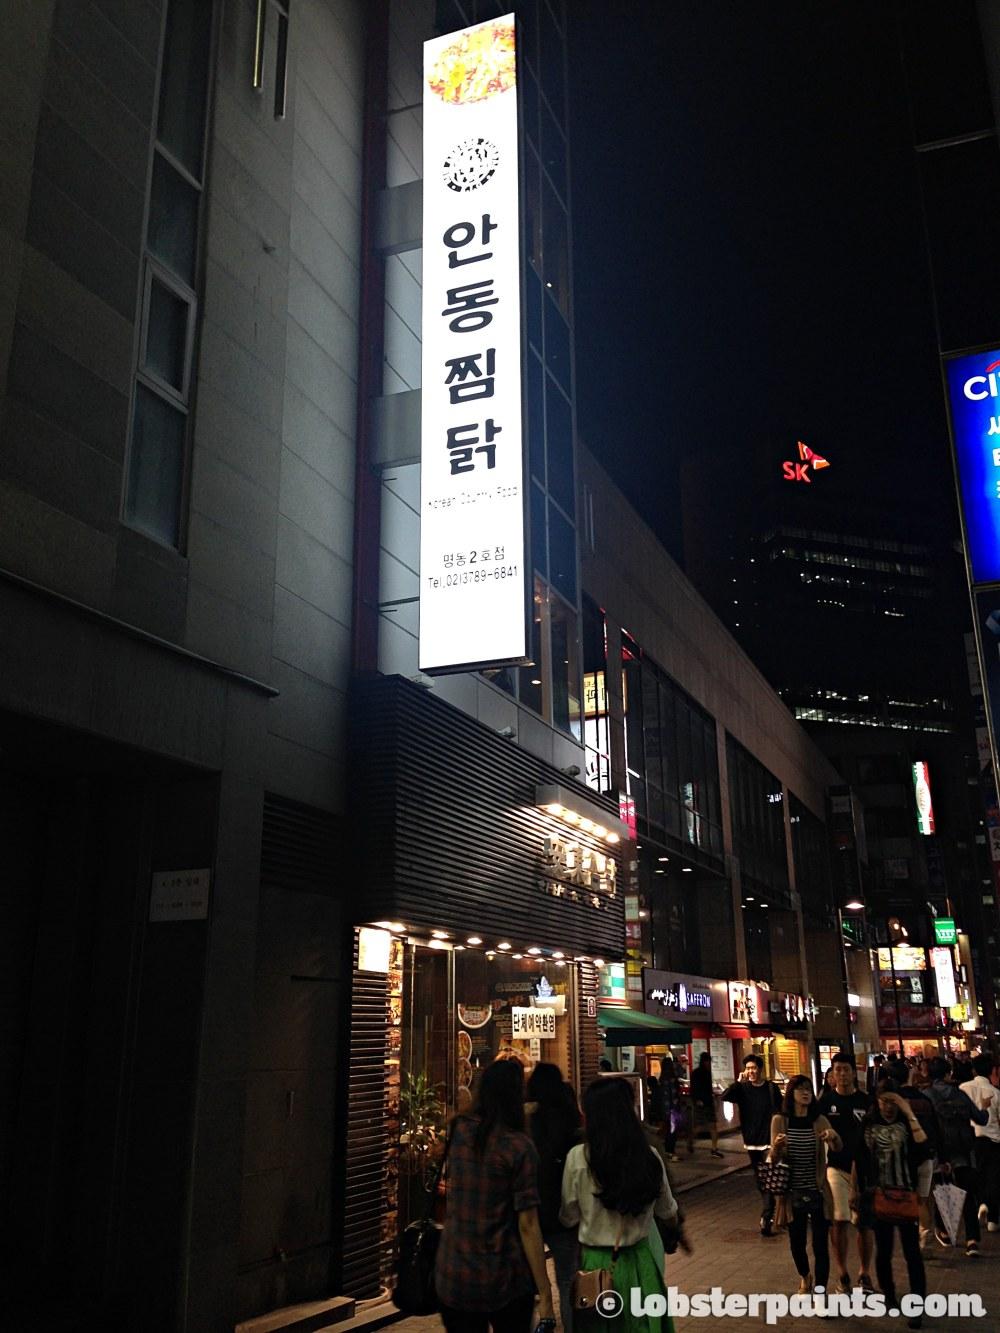 29 Sep 2014: Andong Jjimdak 안동찜닭 @ Myeongdong | Seoul, South Korea